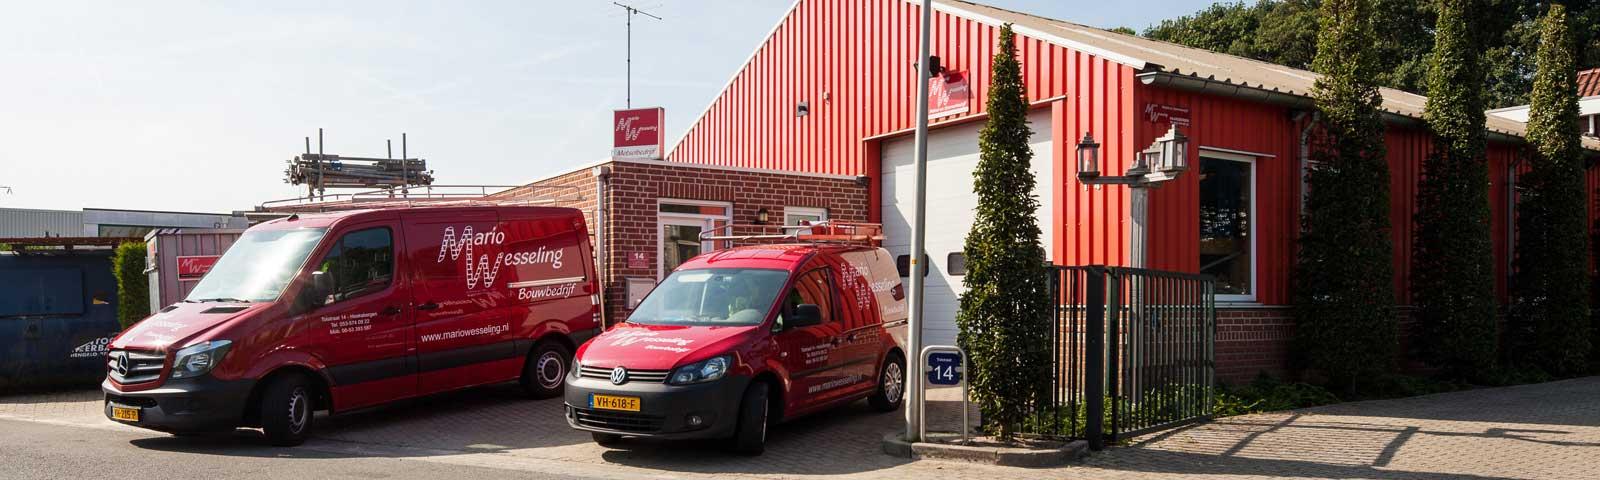 Bouwbedrijf Gelderland | Nieuwbouw Gelderland